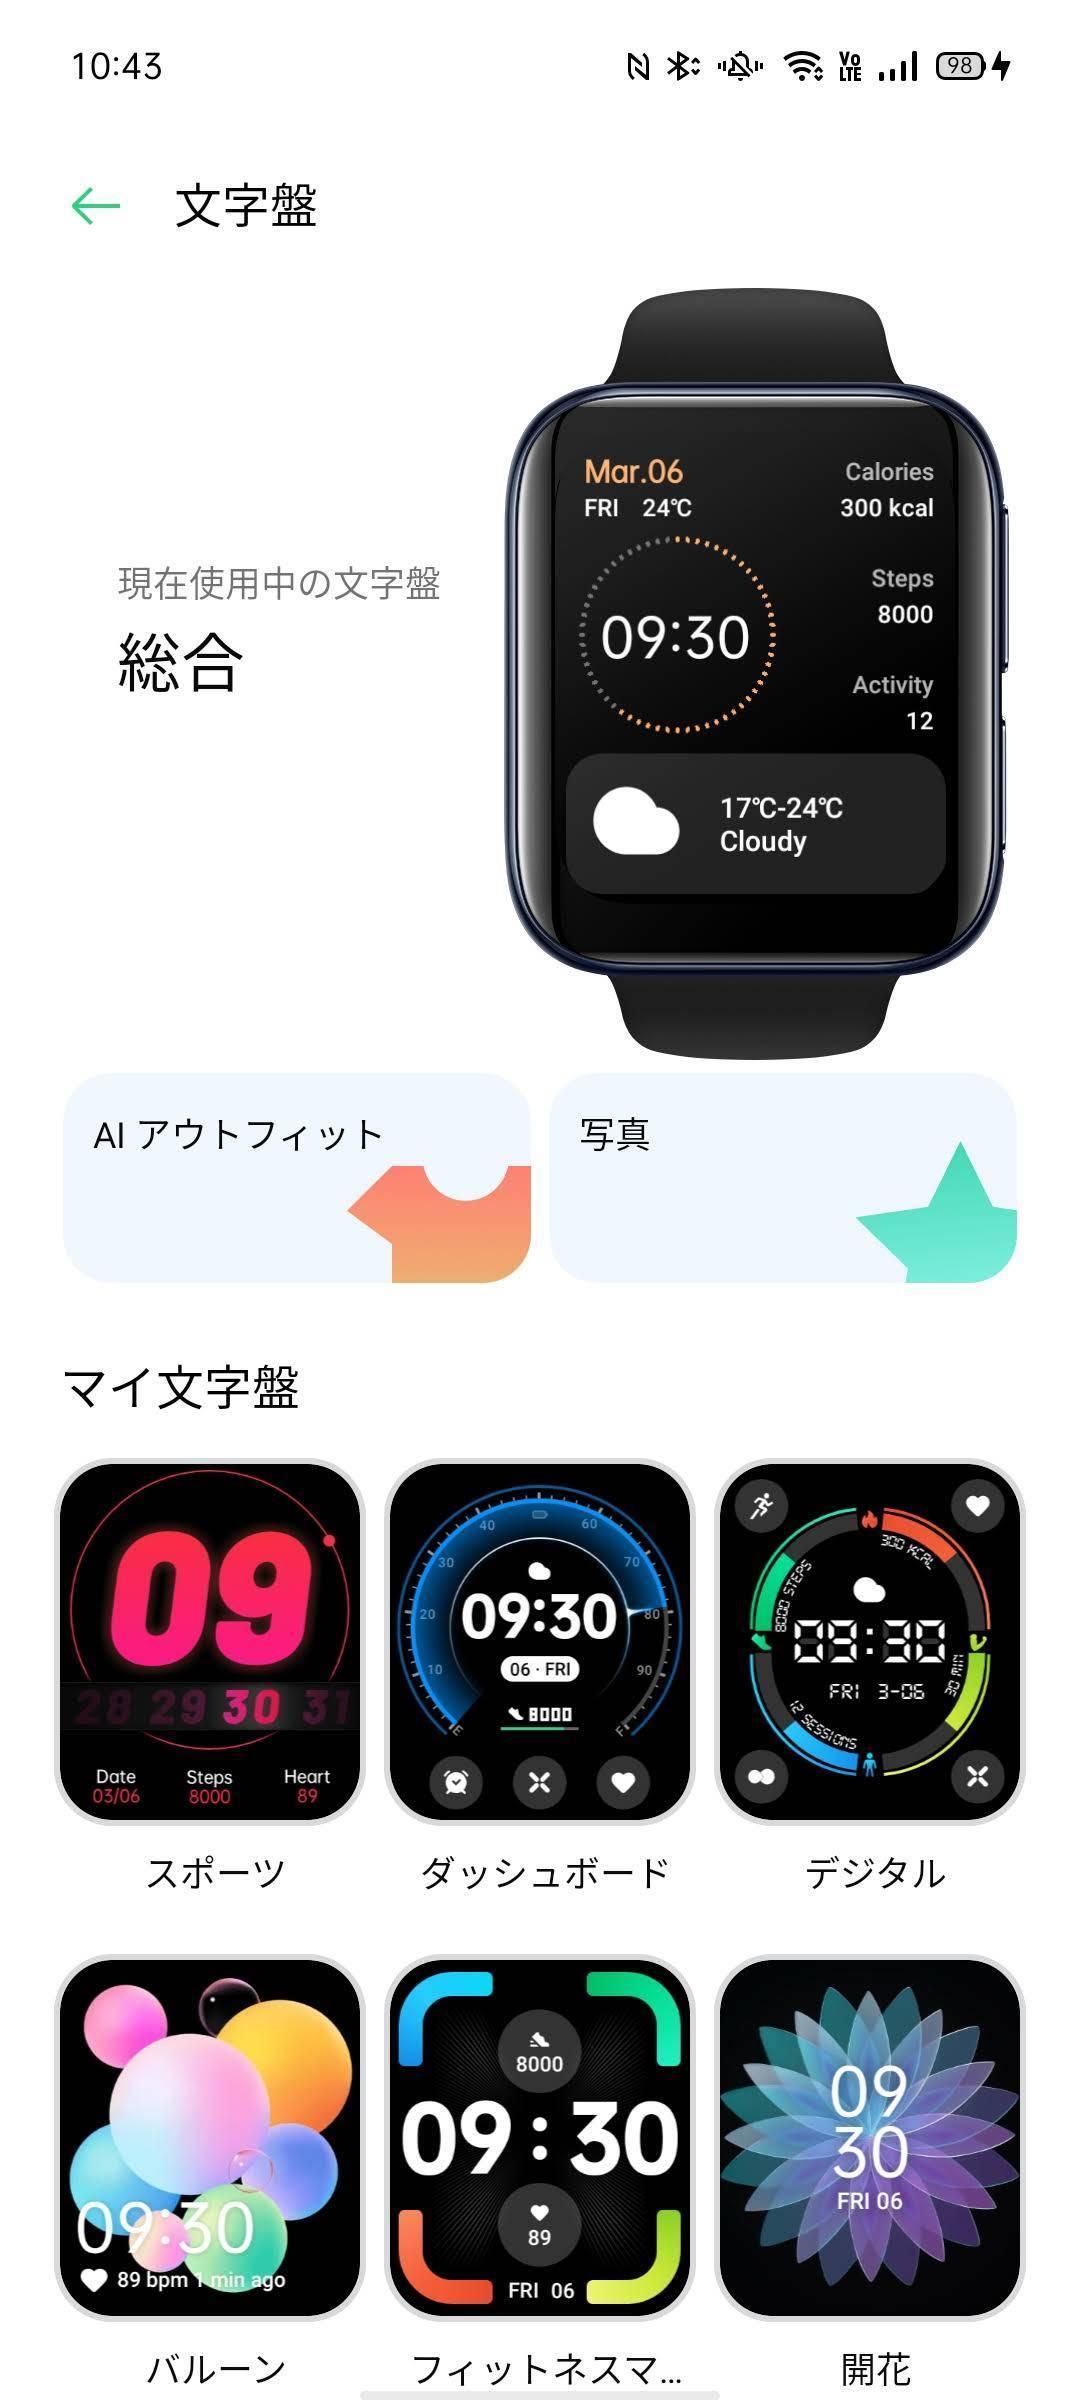 f:id:Azusa_Hirano:20201019104731j:plain